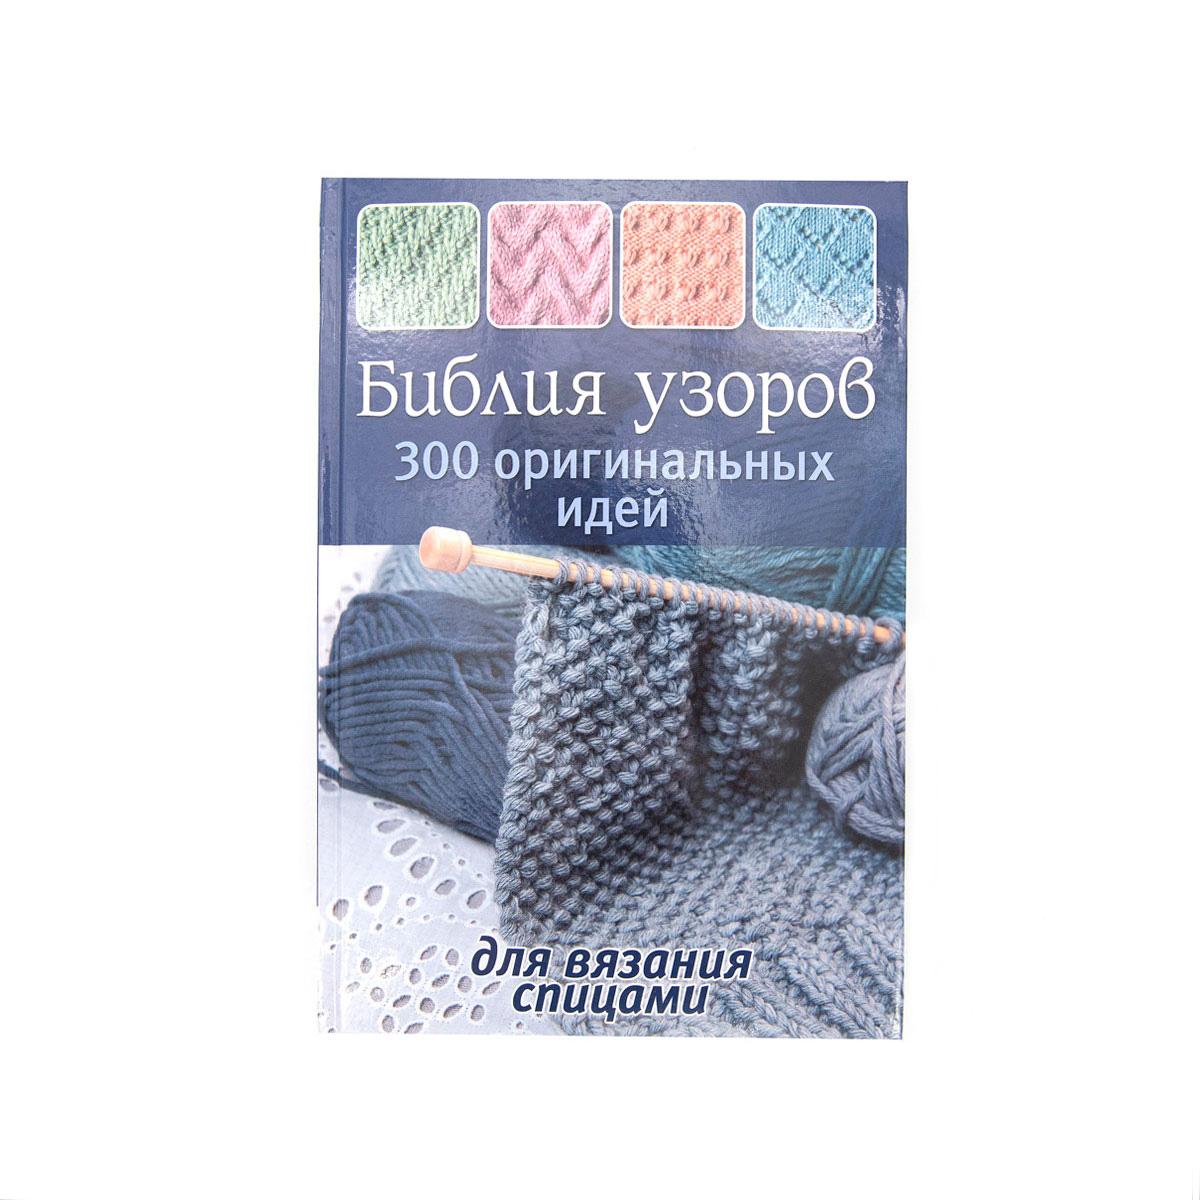 Библия узоров: 300 оригинальных идей для вязания спицами (синяя)